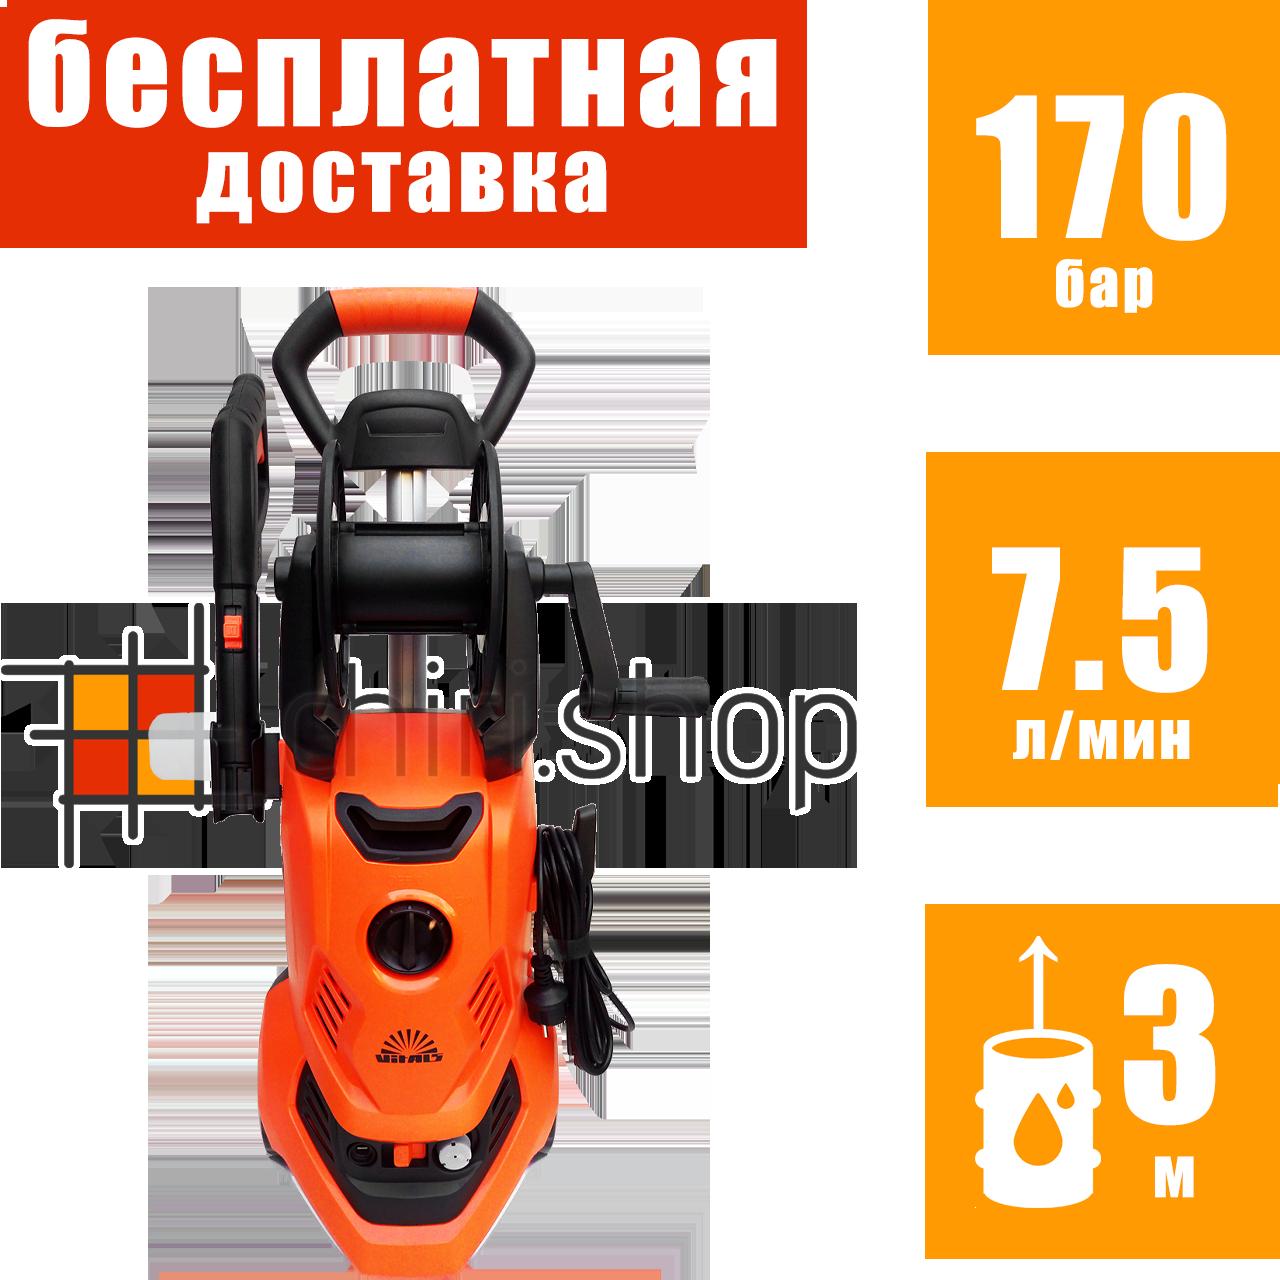 Минимойка Vitals Am 7.5-170w optimum, мойка самовсасывающая, аппарат высокого давления для мойки авто